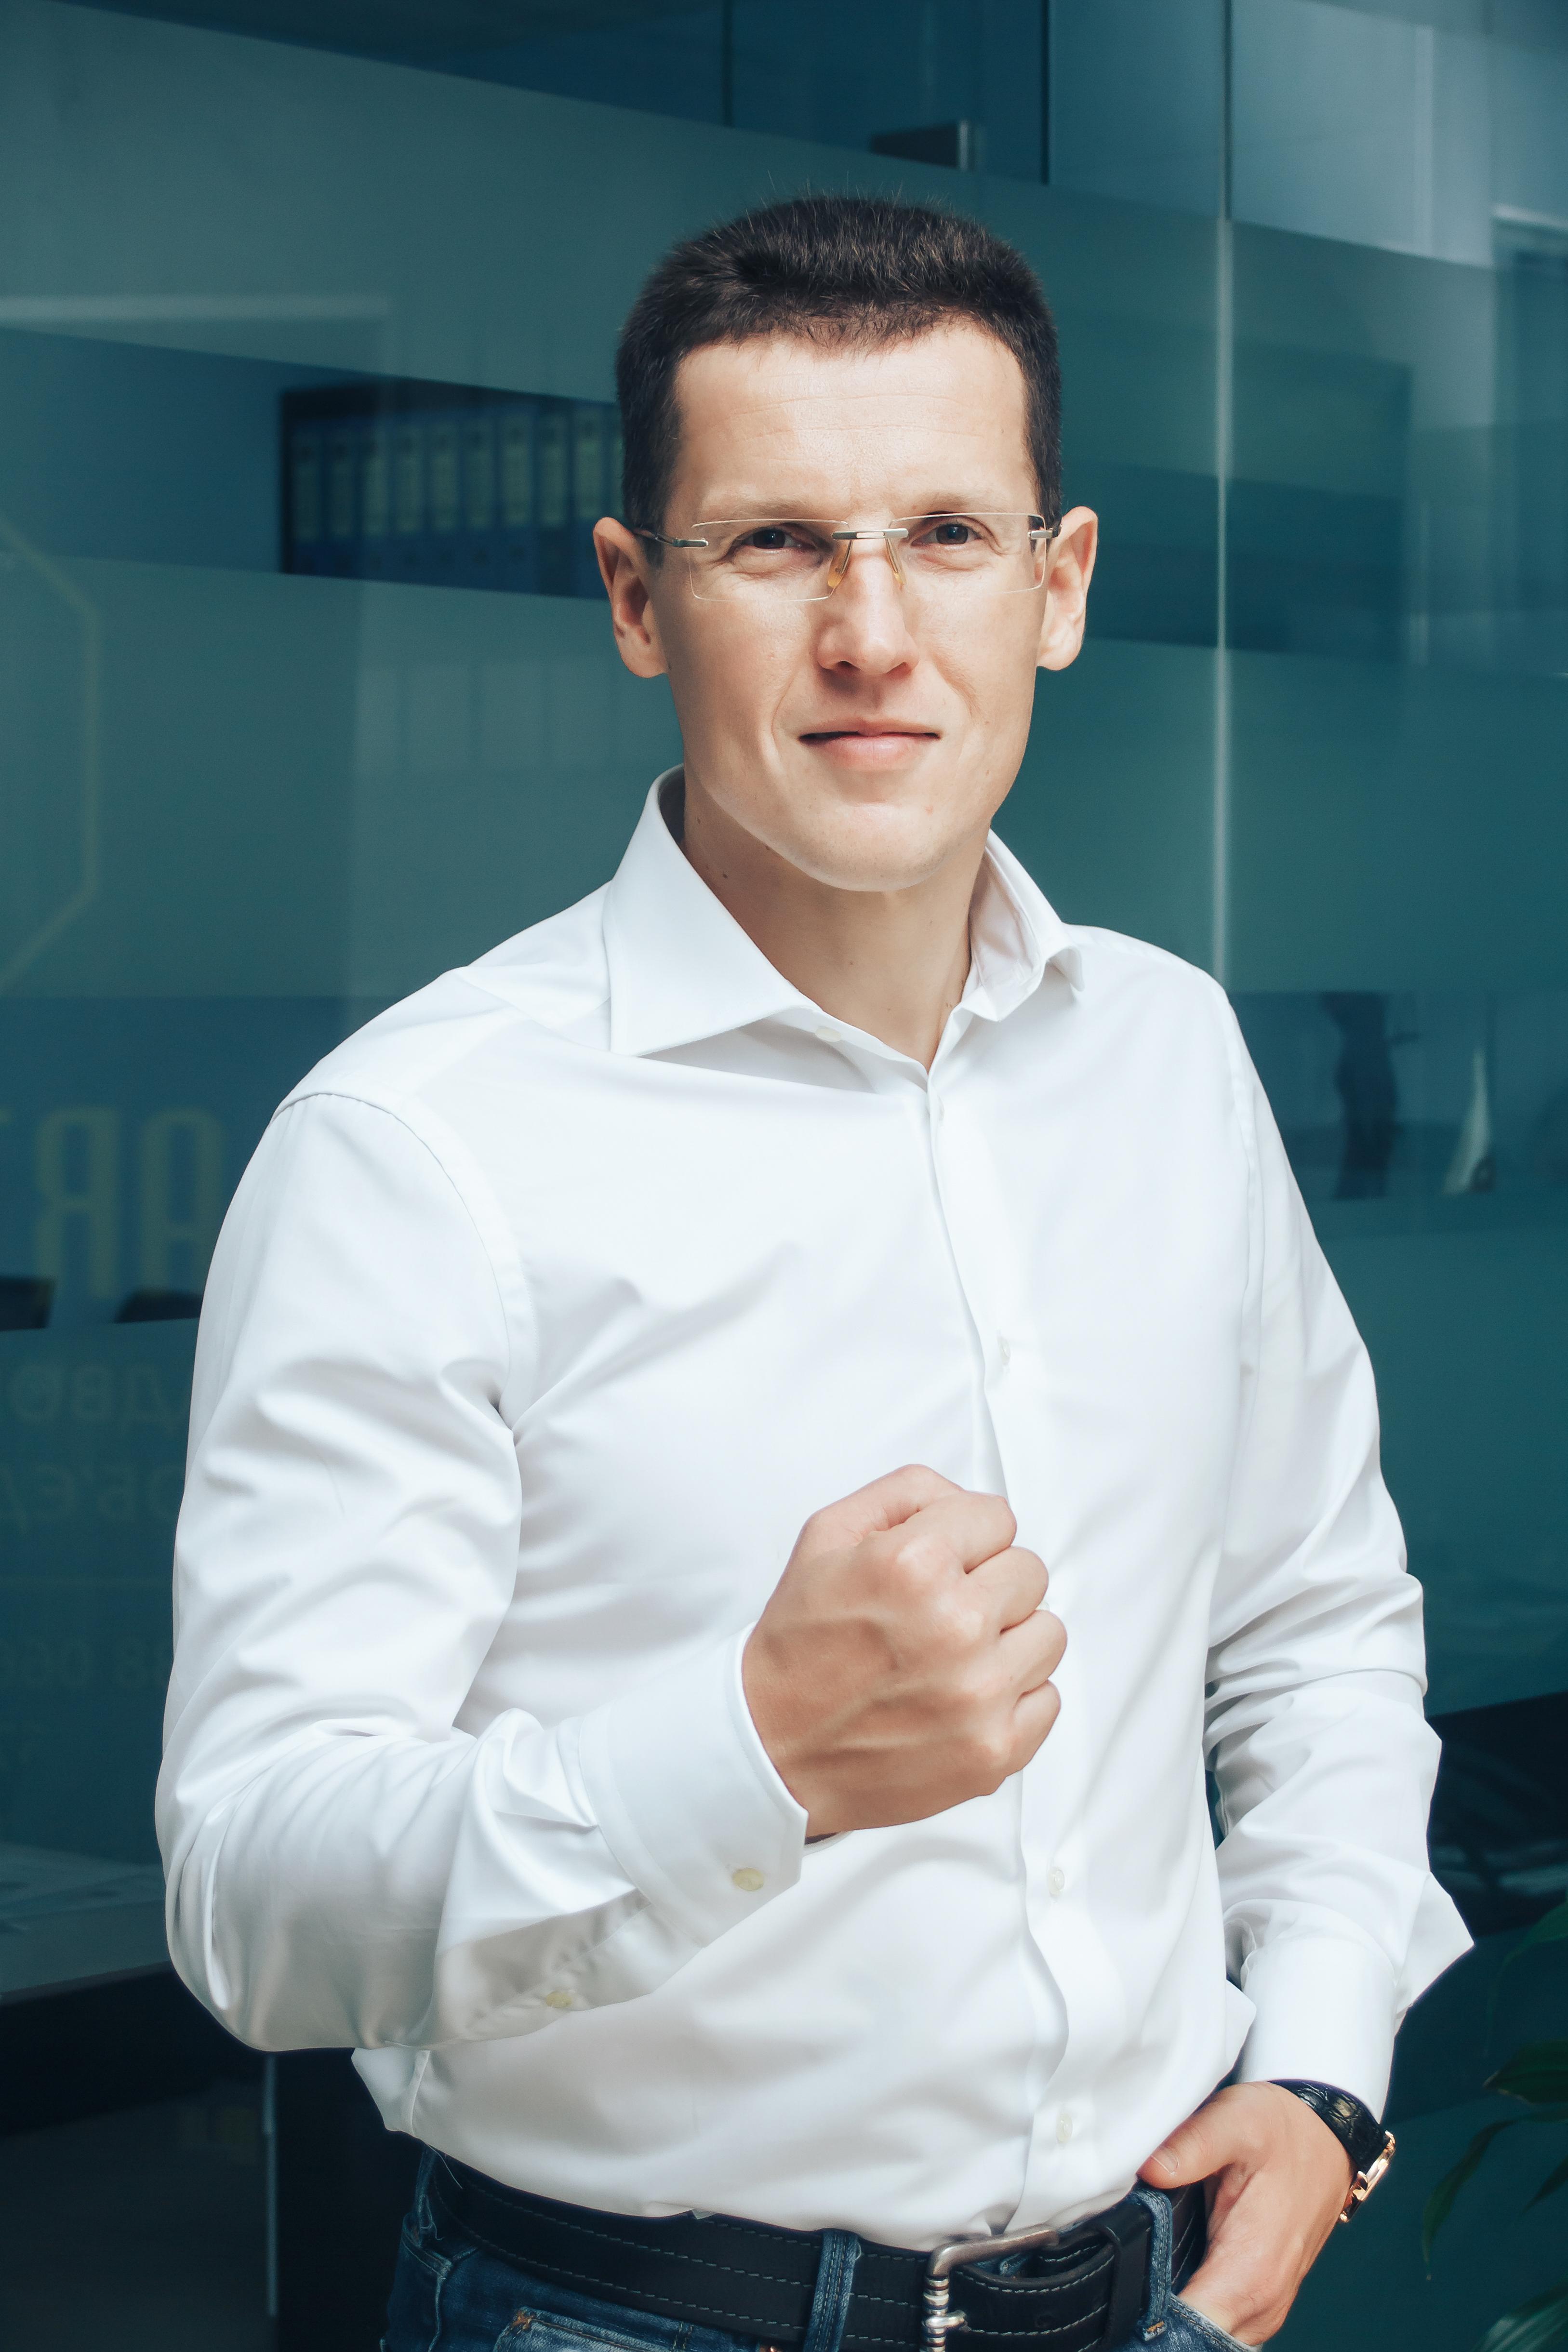 ЗВЕЗДА ШЕРИФА: Дмитрий Стрижов, директор охранного холдинга «Шериф», о том, как выйти за рамки стереотипов и построить крупнейший охранный холдинг в стране